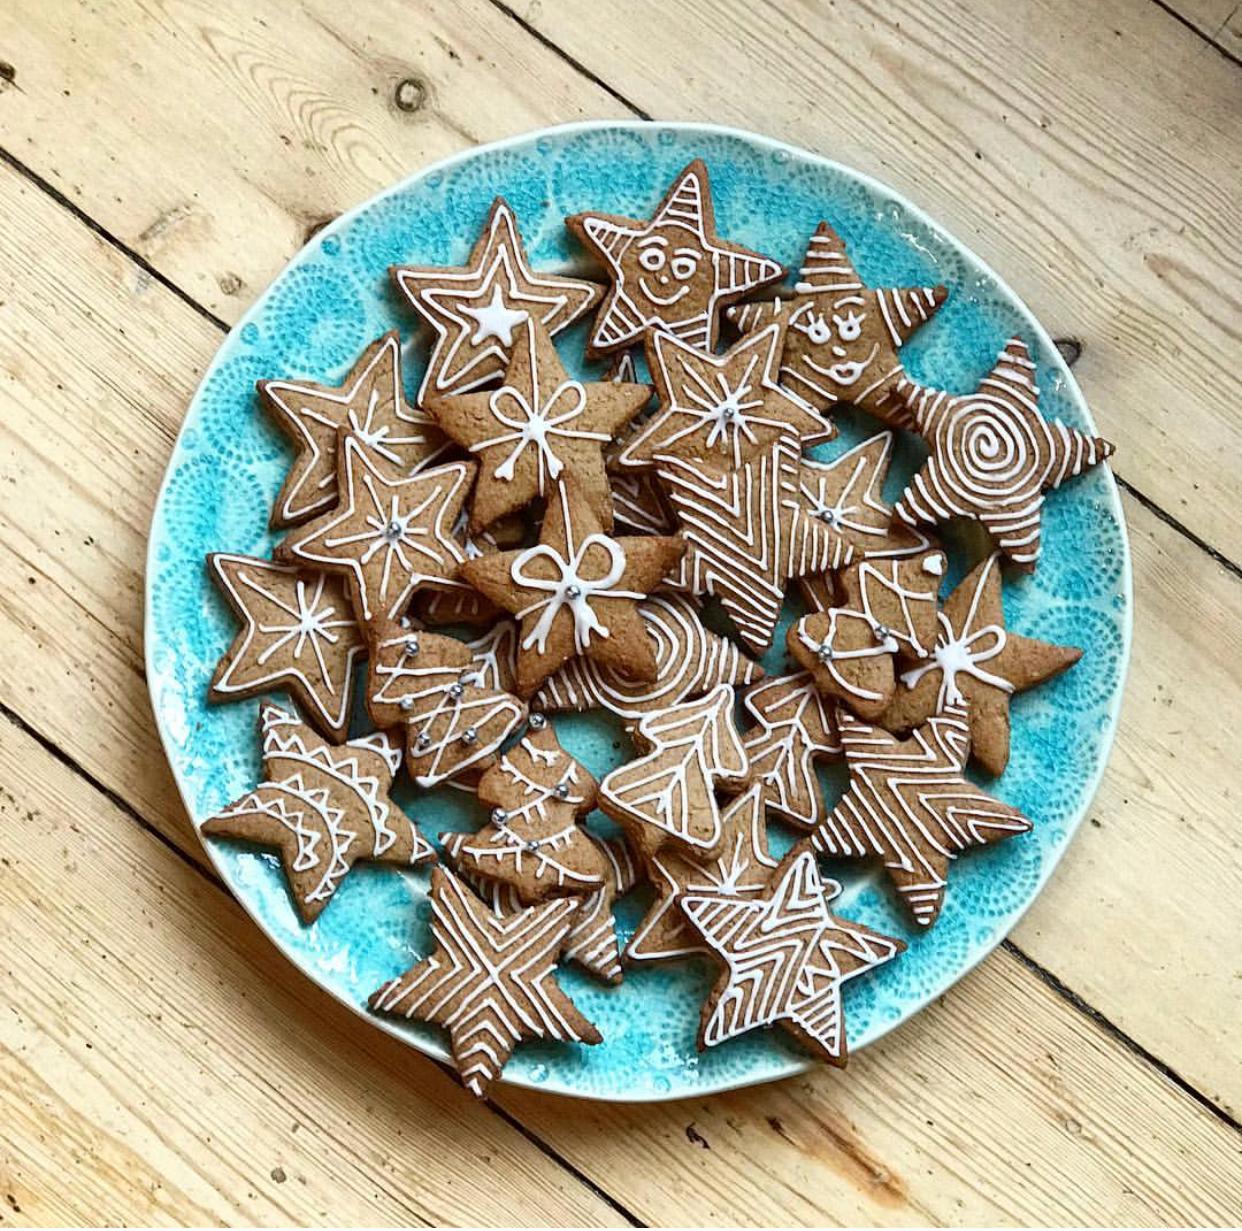 Christmas Sugar Cookies.jpg